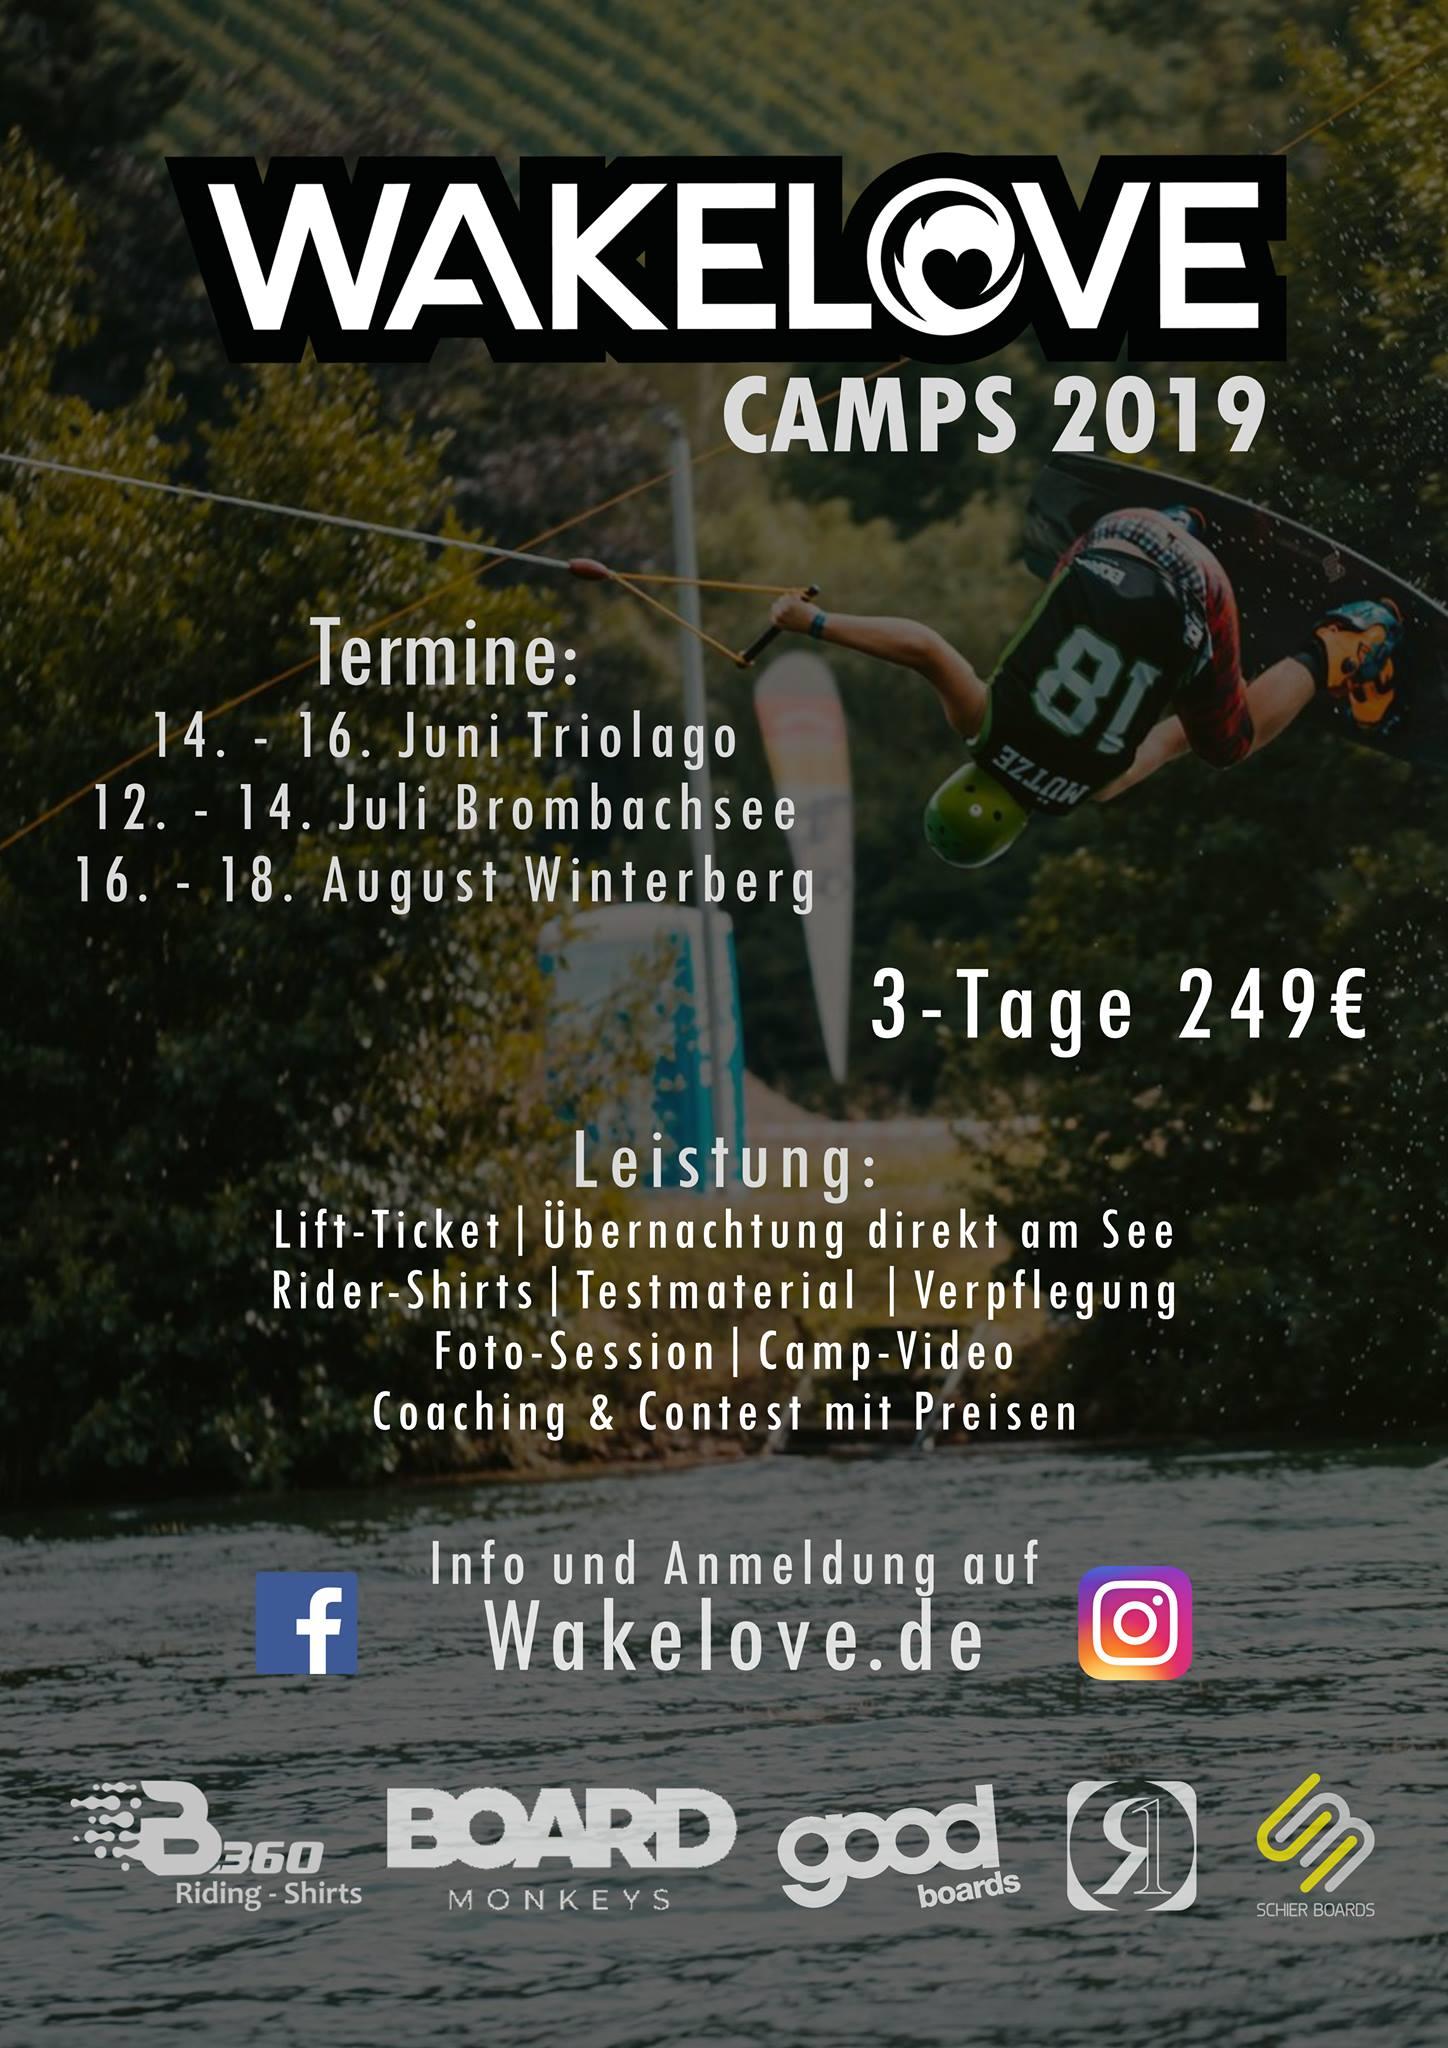 Wakelove Wakeboard-Camps